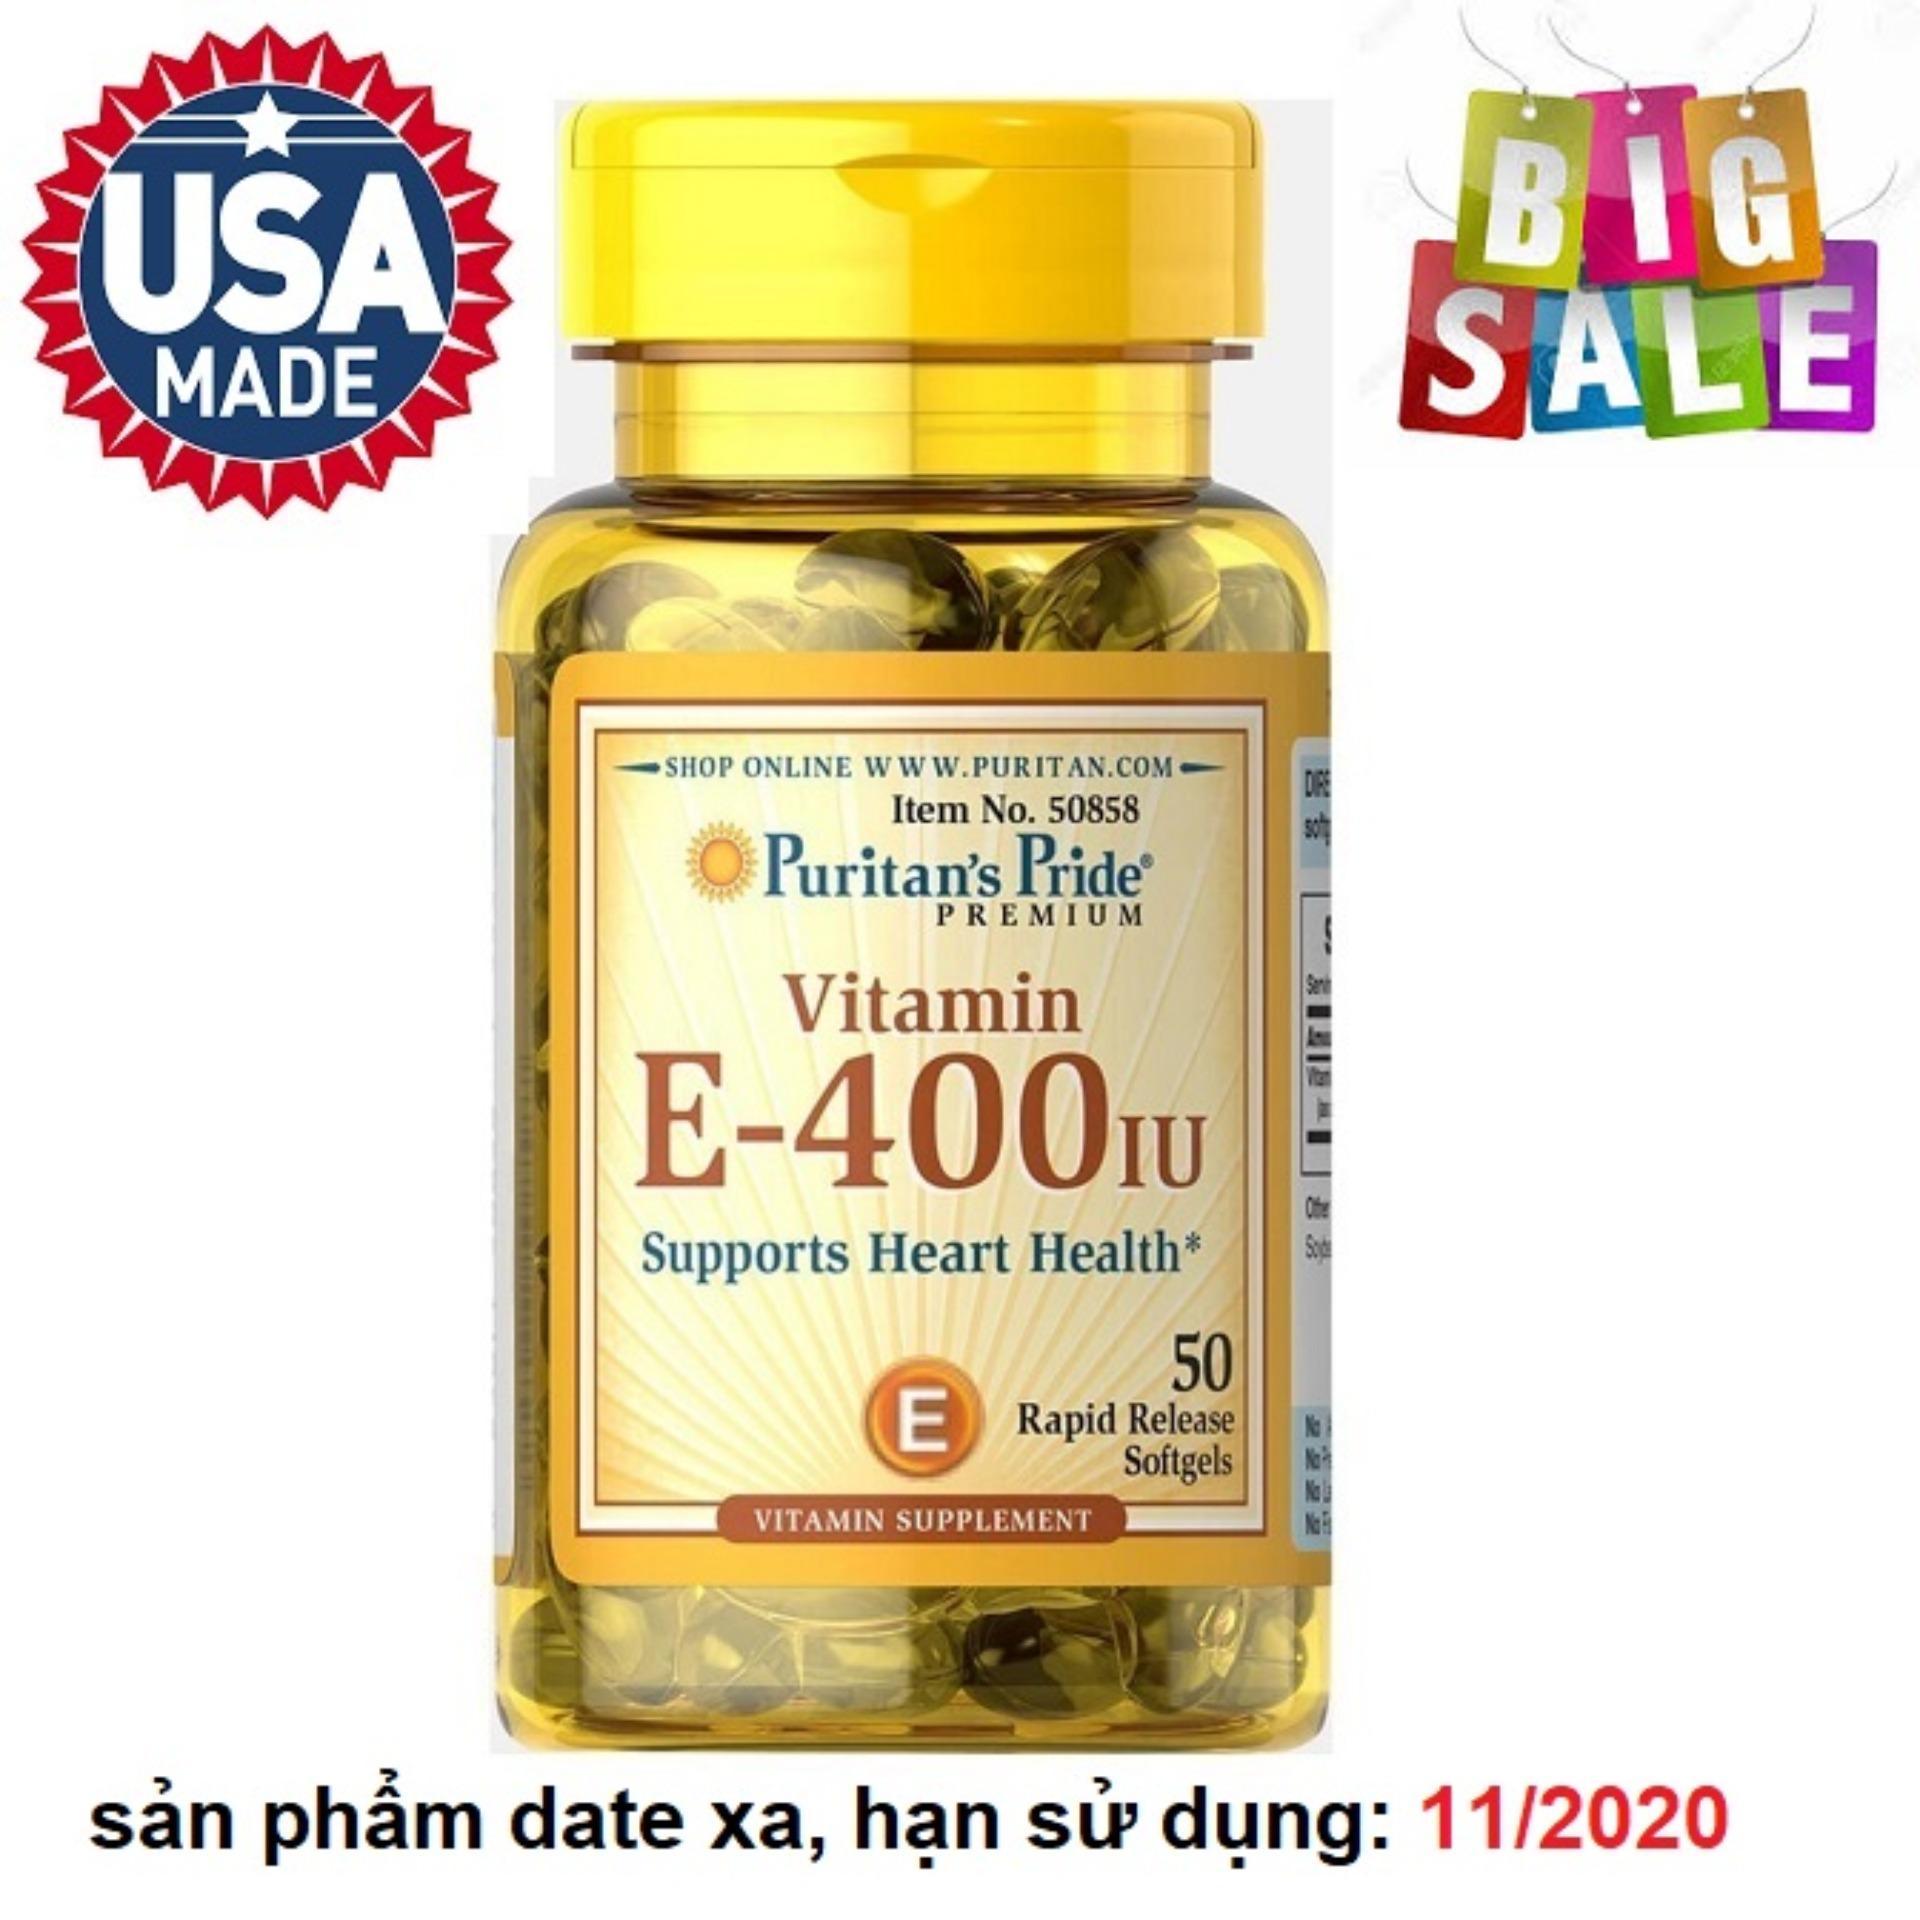 Viên uống bổ sung Vitamin E giúp đẹp da, chống lão hóa, hỗ trợ hệ tim mạch Puritan's Pride Vitamin E-400 IU 50 viên